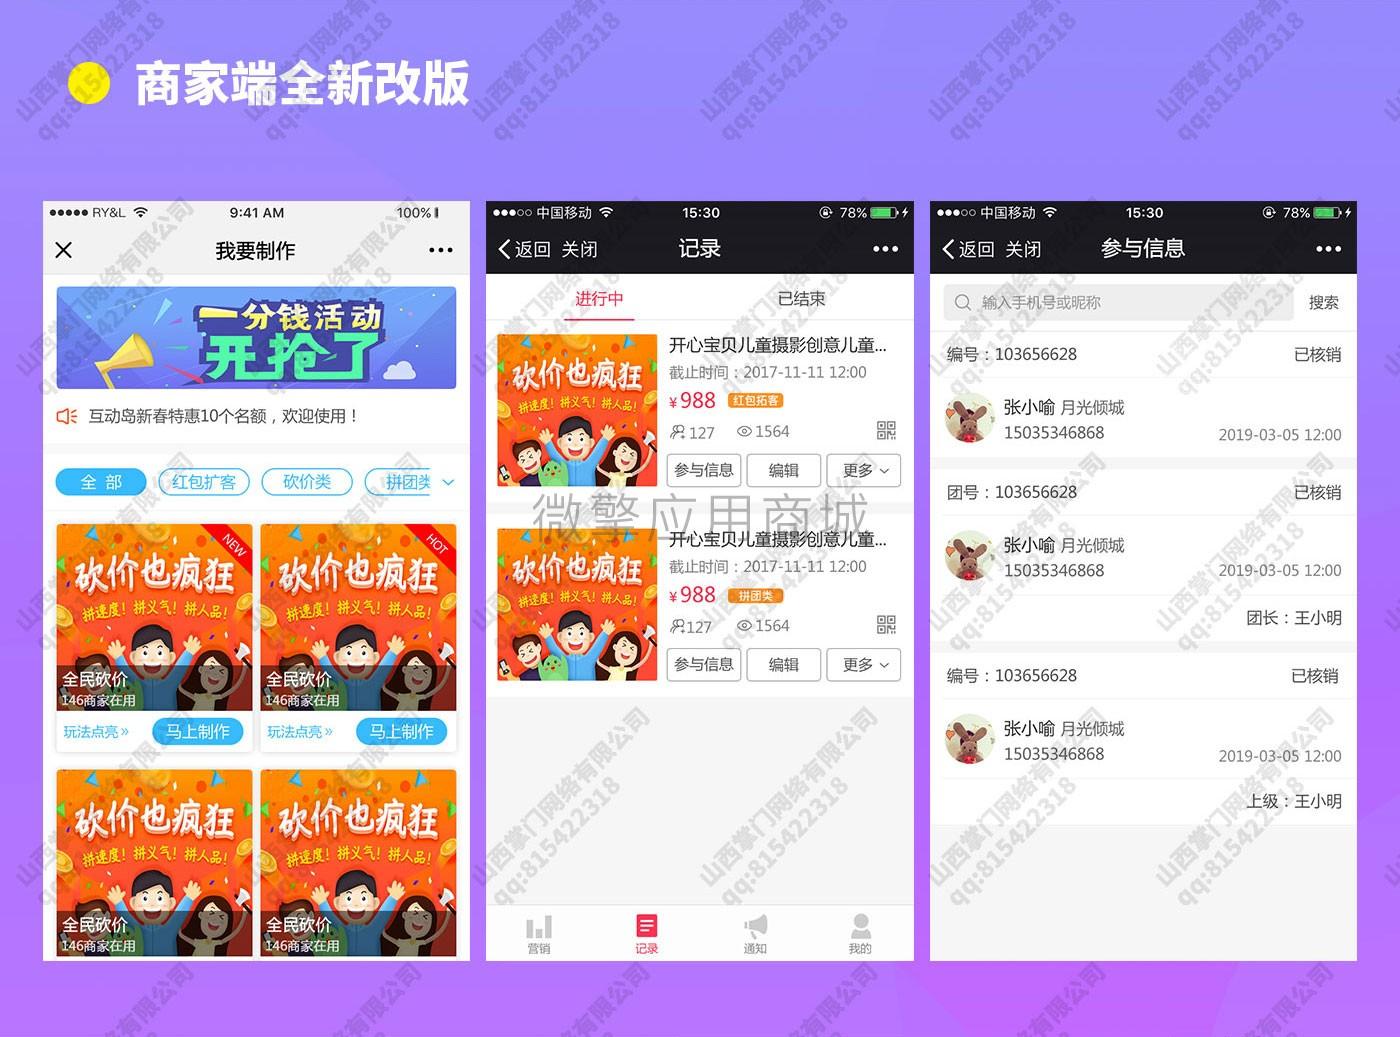 wq模块红包拓客生意宝v2.0.2安装更新一体包-渔枫源码分享网